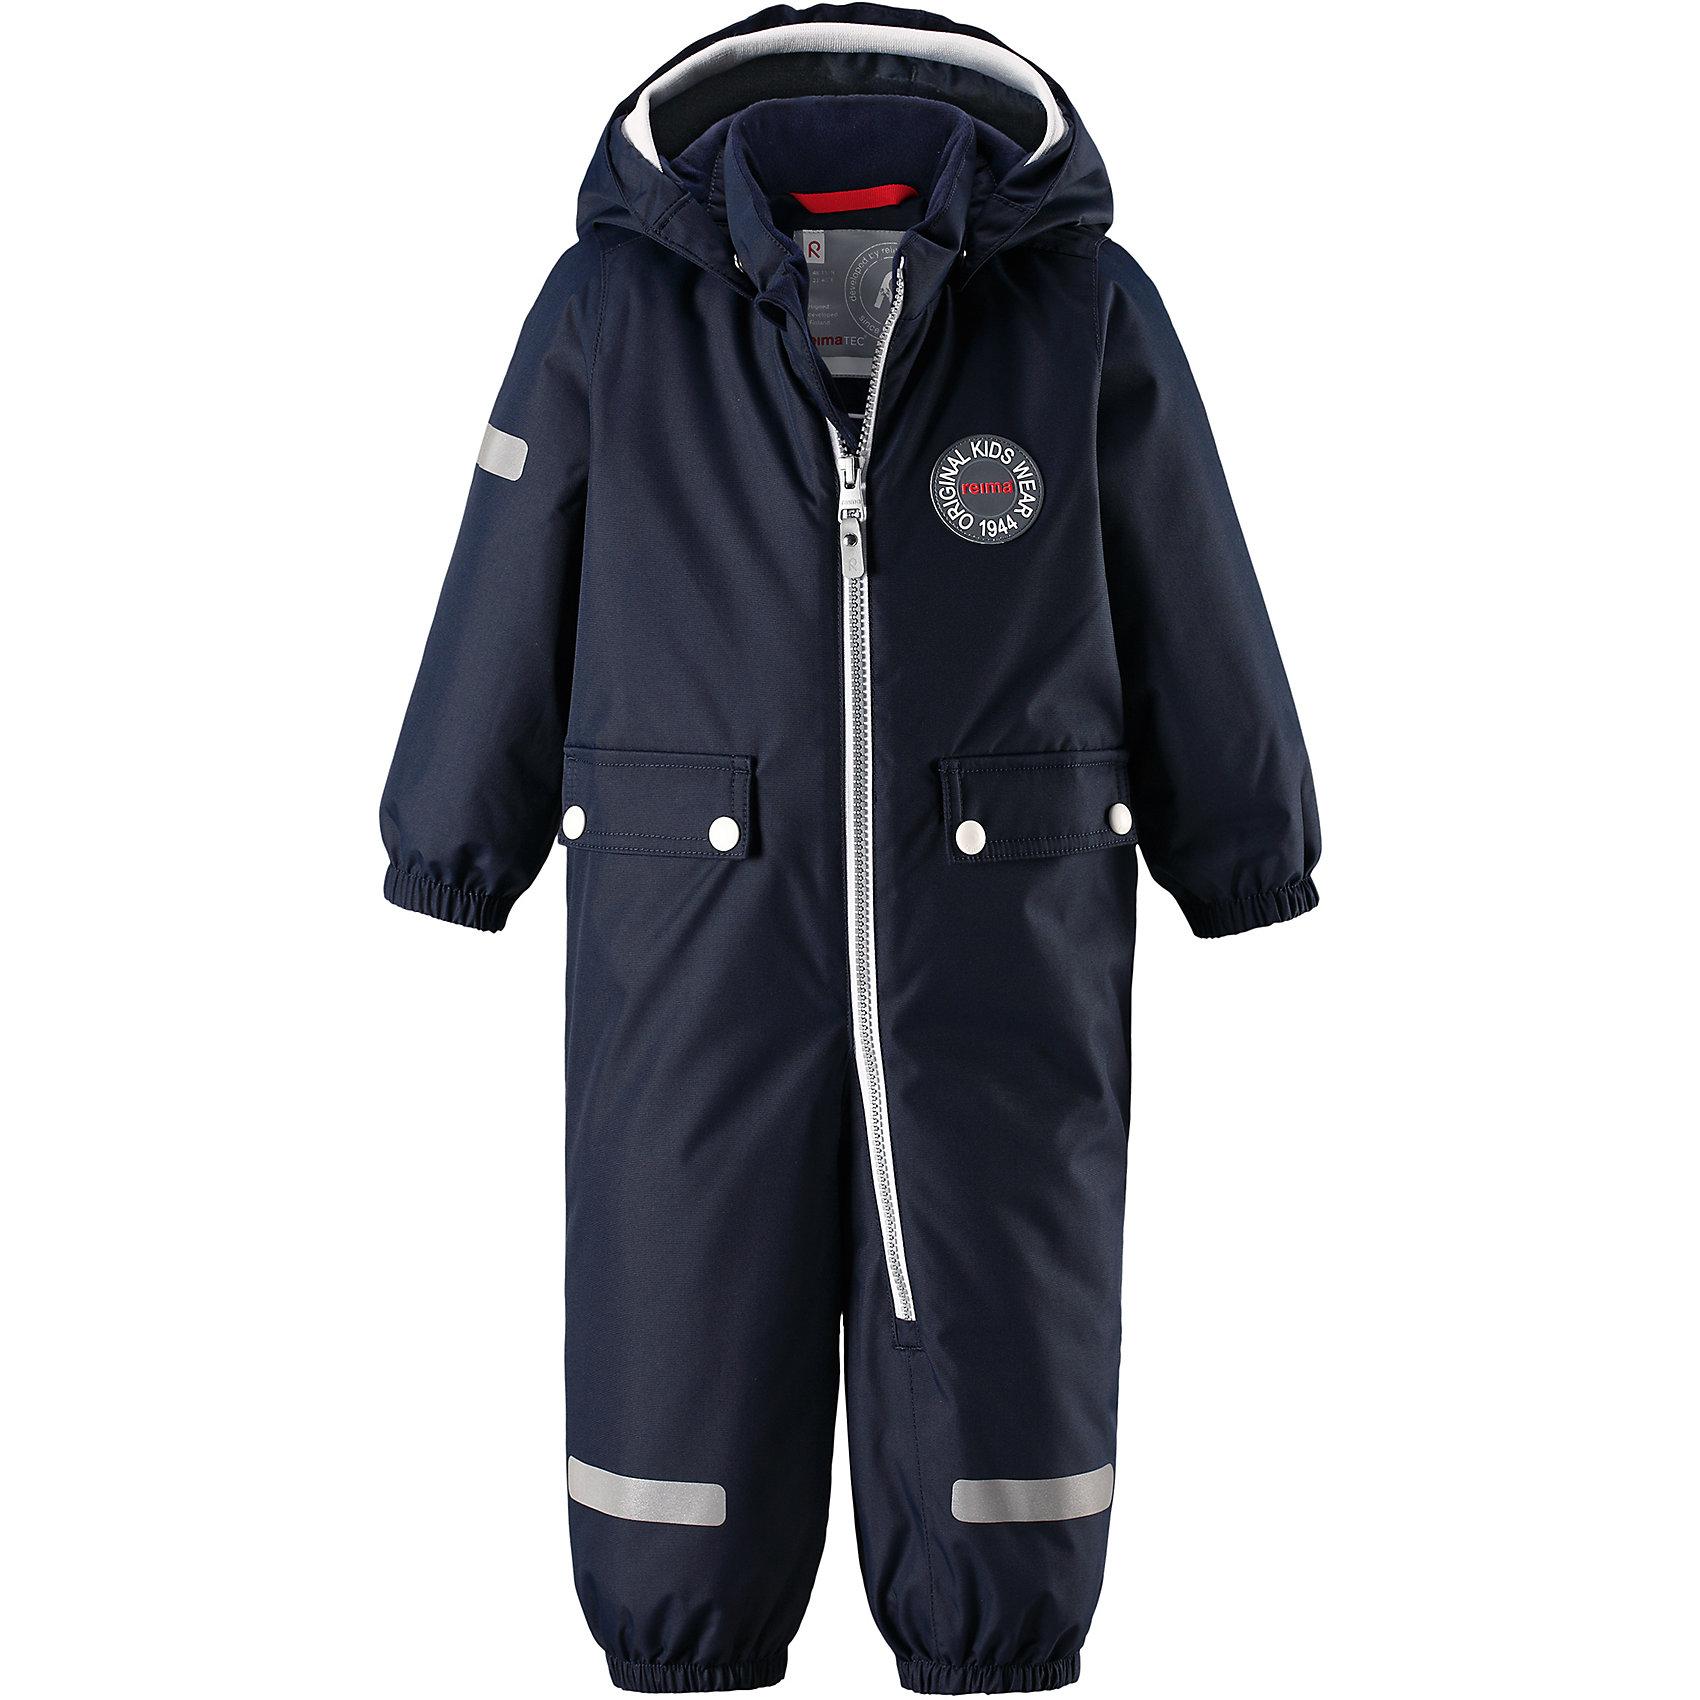 Комбинезон Reimatec® Reima MaahinenВерхняя одежда<br>Характеристики товара:<br><br>• цвет: синий;<br>• состав: 100% полиэстер;<br>• подкладка: 100% полиэстер;<br>• утеплитель: 160 г/м2;<br>• сезон: зима;<br>• температурный режим: от 0 до -20С;<br>• водонепроницаемость: 8000 мм;<br>• воздухопроницаемость: 10000 мм;<br>• износостойкость: 30000 циклов (тест Мартиндейла);<br>• водо- и ветронепроницаемый, дышащий и грязеотталкивающий материал;<br>• основные швы проклеены и водонепроницаемы;<br>• застежка: молния с защитой подбородка;<br>• гладкая подкладка из полиэстера;<br>• безопасный, съемный капюшон;<br>• мягкая резинка на кромке капюшона;<br>• эластичные манжеты;<br>• внутренняя регулировка обхвата талии;<br>• эластичные штанины;<br>• прочные, съемные силиконовые штрипки;<br>• два кармана с кнопками;<br>• светоотражающие детали;<br>• страна бренда: Финляндия;<br>• страна изготовитель: Китай.<br><br>В зимний вариант этой популярной модели мы добавили еще больше утеплителя. Самые важные швы в этом зимнем комбинезоне проклеены и водонепроницаемы, а сам он изготовлен из ветронепроницаемого, дышащего материала с водо и грязеотталкивающей поверхностью. У этой модели прямой покрой с регулируемой талией, так что при желании силуэт можно сделать более приталенным. <br><br>Съемный капюшон не только защищает от пронизывающего ветра, но еще и безопасен во время игр на свежем воздухе. Кнопки легко отстегиваются, если капюшон случайно за что-нибудь зацепится. Мягкая резинка по краю регулируемого капюшона, а также большие карманы с клапанами и светоотражающие детали придают образу изюминку. Благодаря силиконовым штрипкам, концы брючин не будут задираться.<br><br>Комбинезон-трансформер Reimatec®+ Reima Pouch от финского бренда Reima (Рейма) можно купить в нашем интернет-магазине.<br><br>Ширина мм: 356<br>Глубина мм: 10<br>Высота мм: 245<br>Вес г: 519<br>Цвет: синий<br>Возраст от месяцев: 24<br>Возраст до месяцев: 36<br>Пол: Унисекс<br>Возраст: Детский<br>Размер: 98,80,86,92<br>SKU: